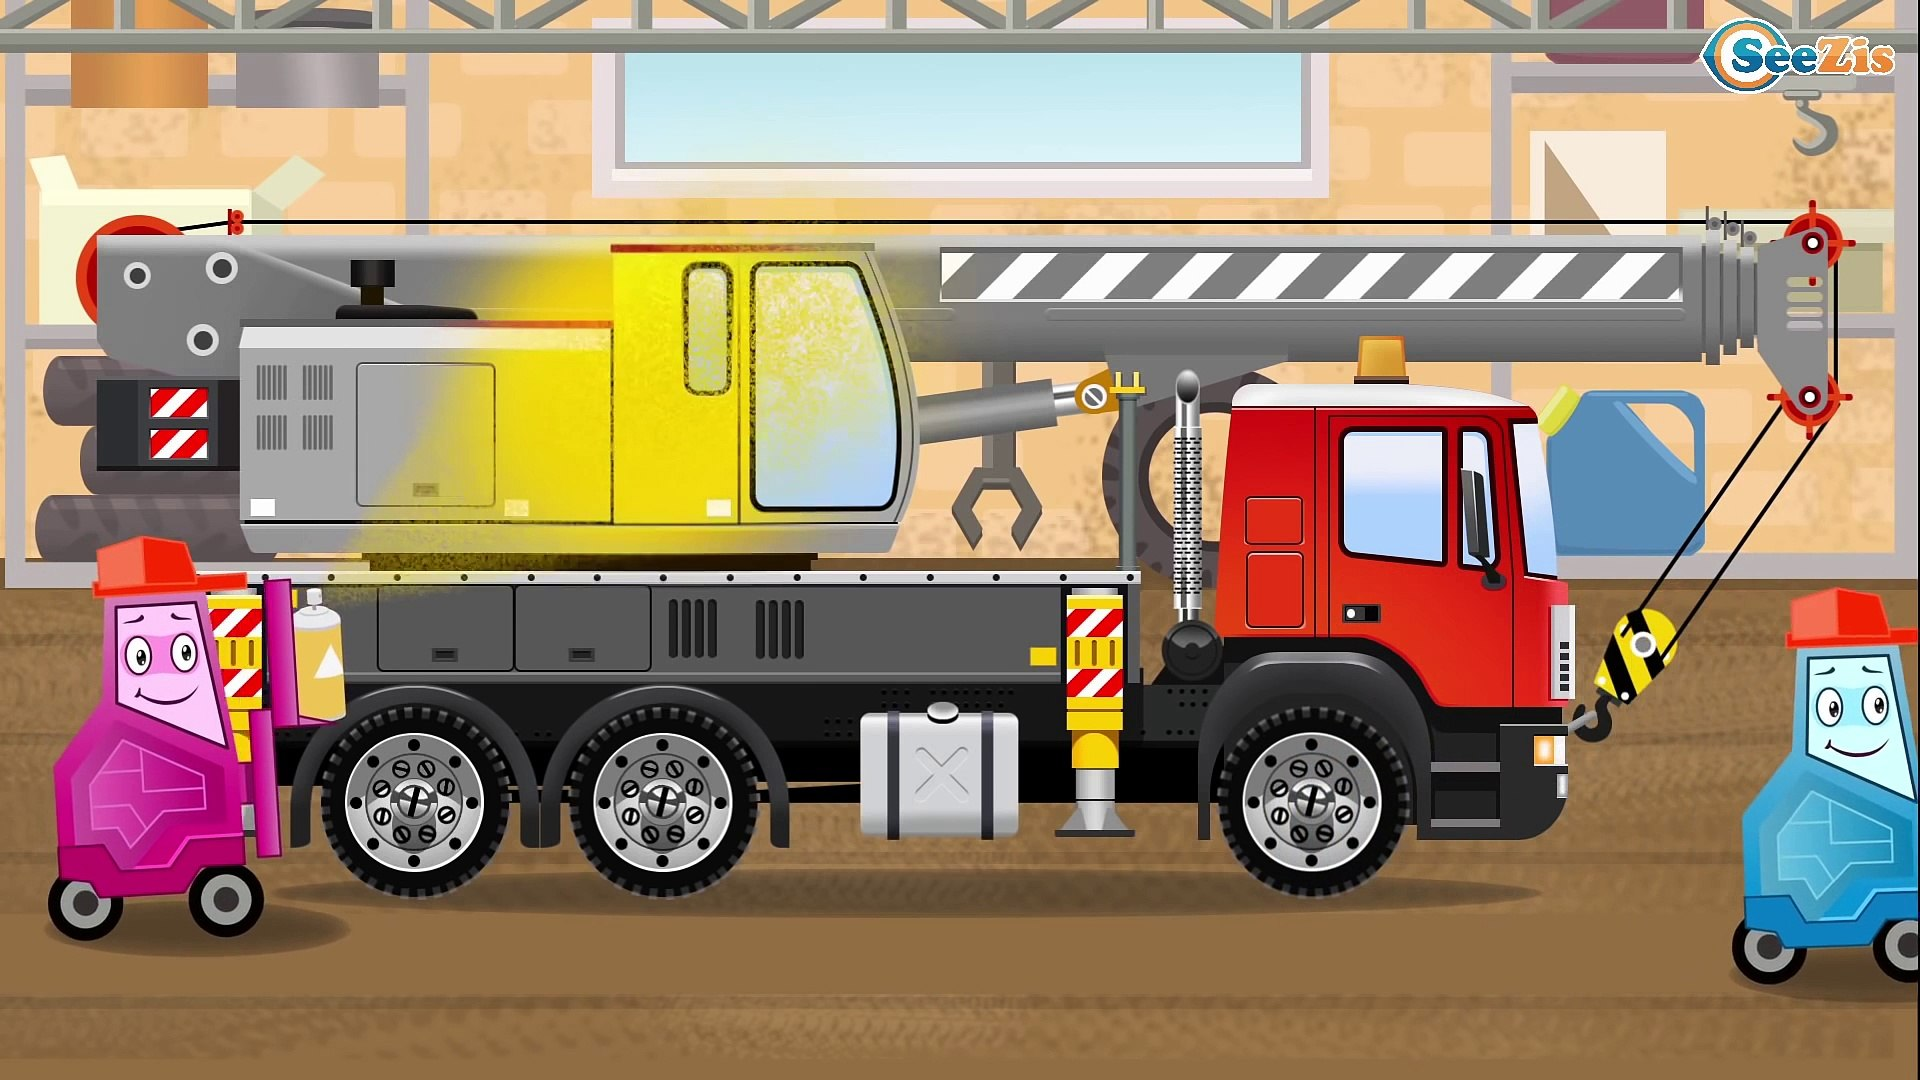 Мультики для детей Трактор едет на помощь в городе Видео для детей Tractor on the road kids video